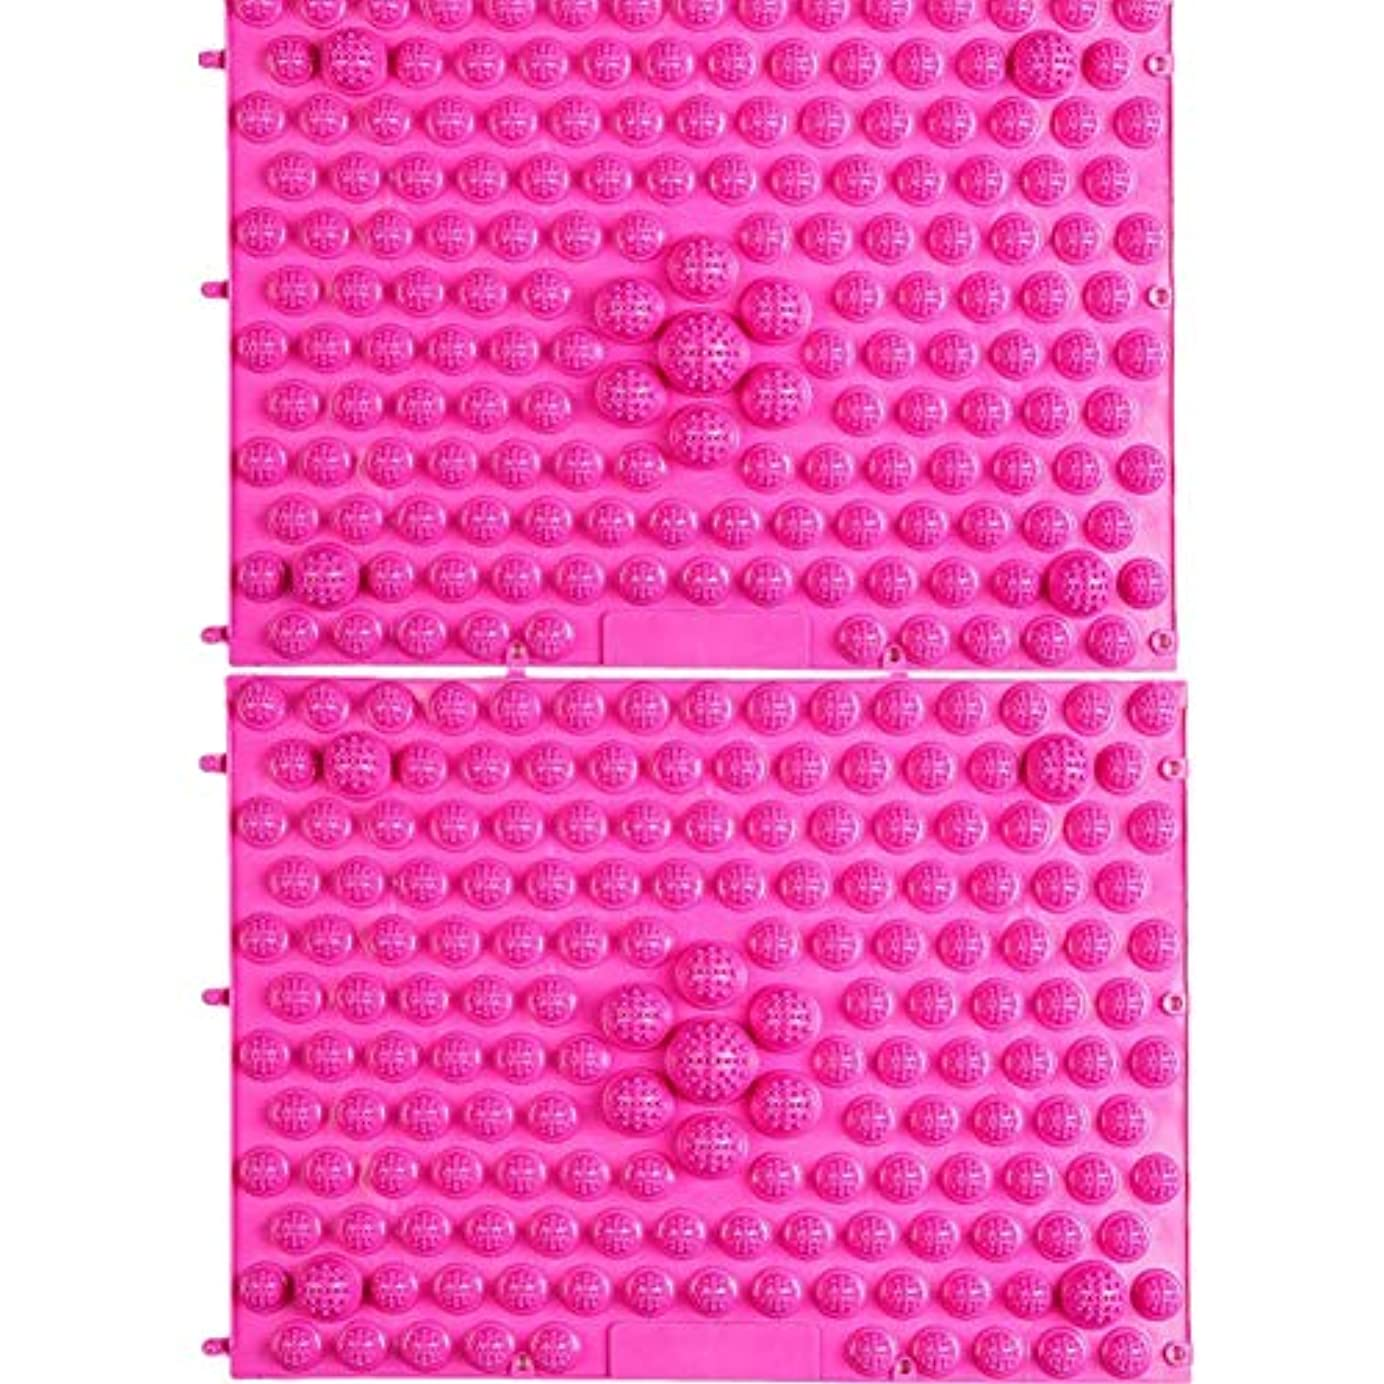 割り当てますかける裁定wompolle マッサージ?ツボ押しグッズ 生活に刺激と健康を!足つぼキャニオンマット マッサージ屋さんの健康マット ドラゴンマット 足踏み 足ツボ 2枚組 (Pink)